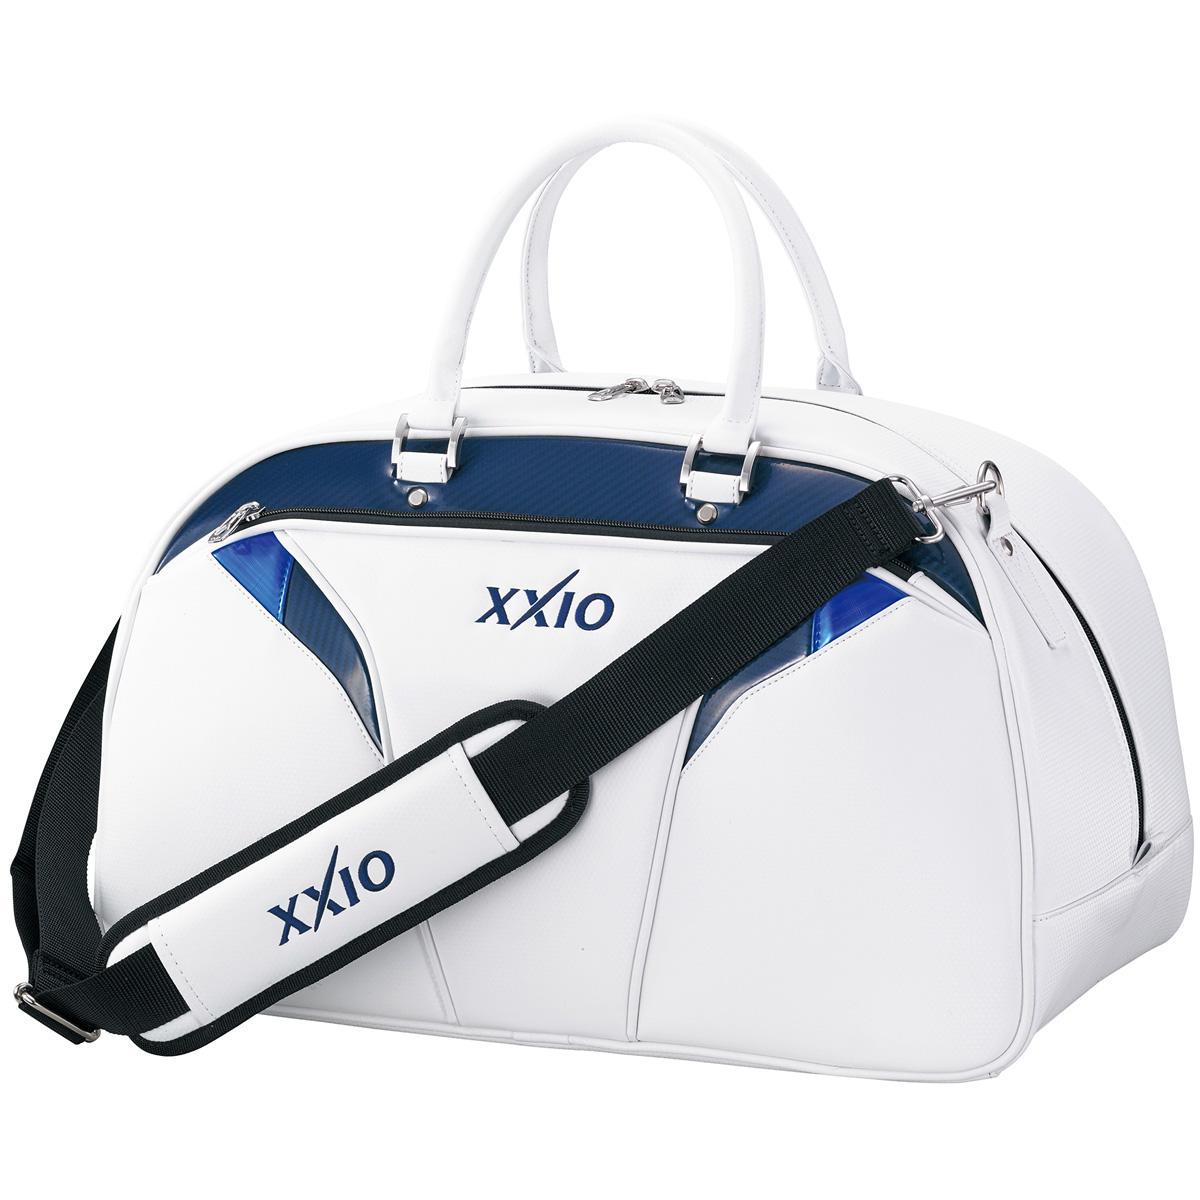 ダンロップ XXIO スポーツバッグ[ゴルフ用品 ゴルフ ボール ゴルフボール golf gdo プレゼント ギフト 通販 ]